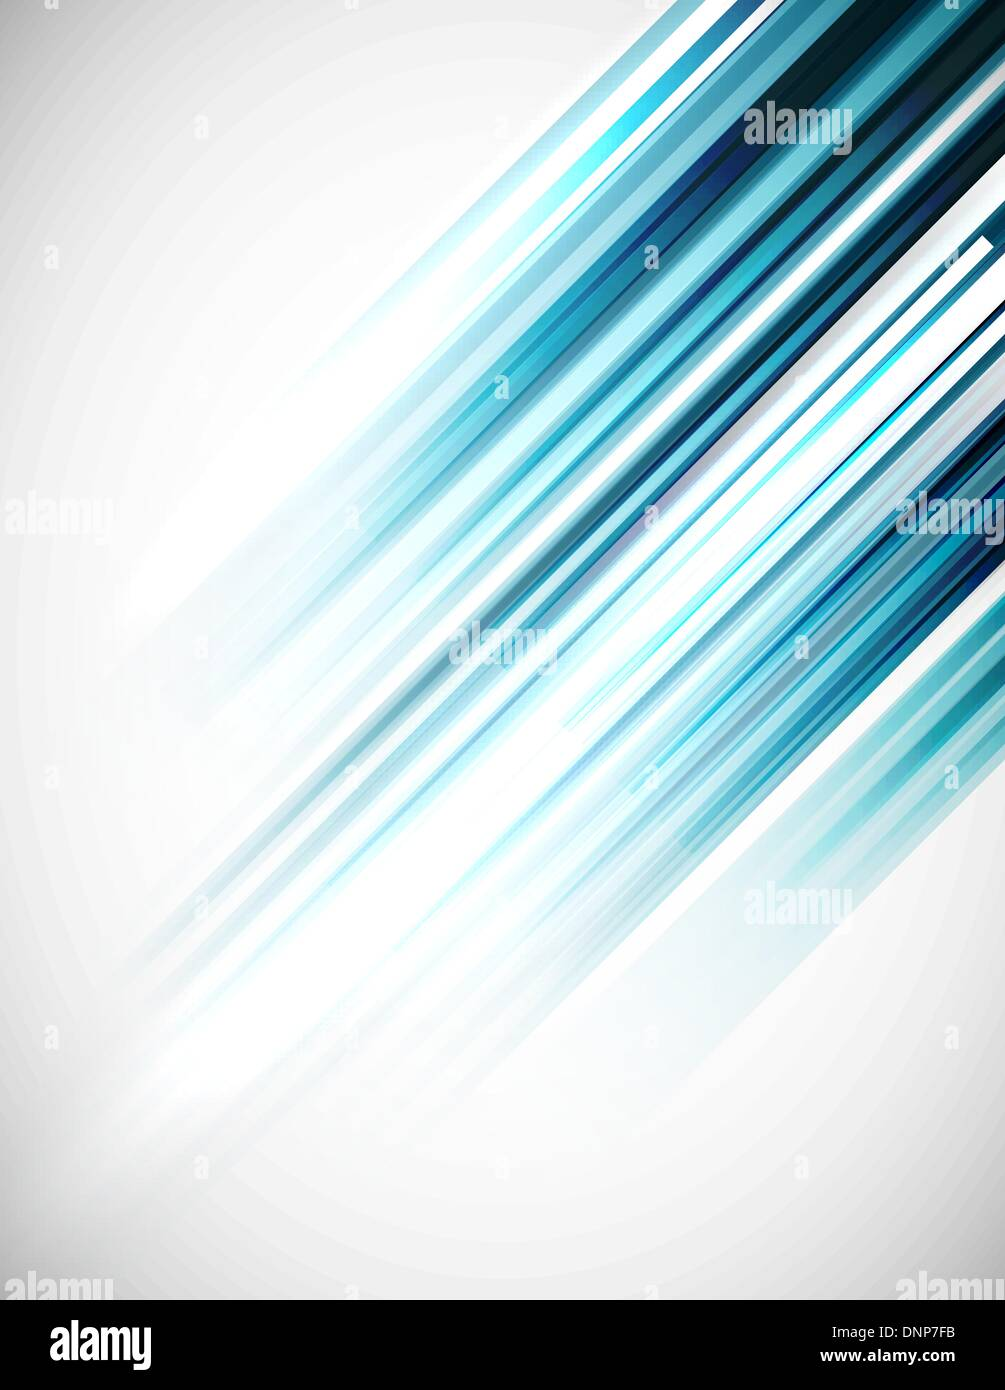 Resumo azul linhas retas de fundo de vetor Imagens de Stock